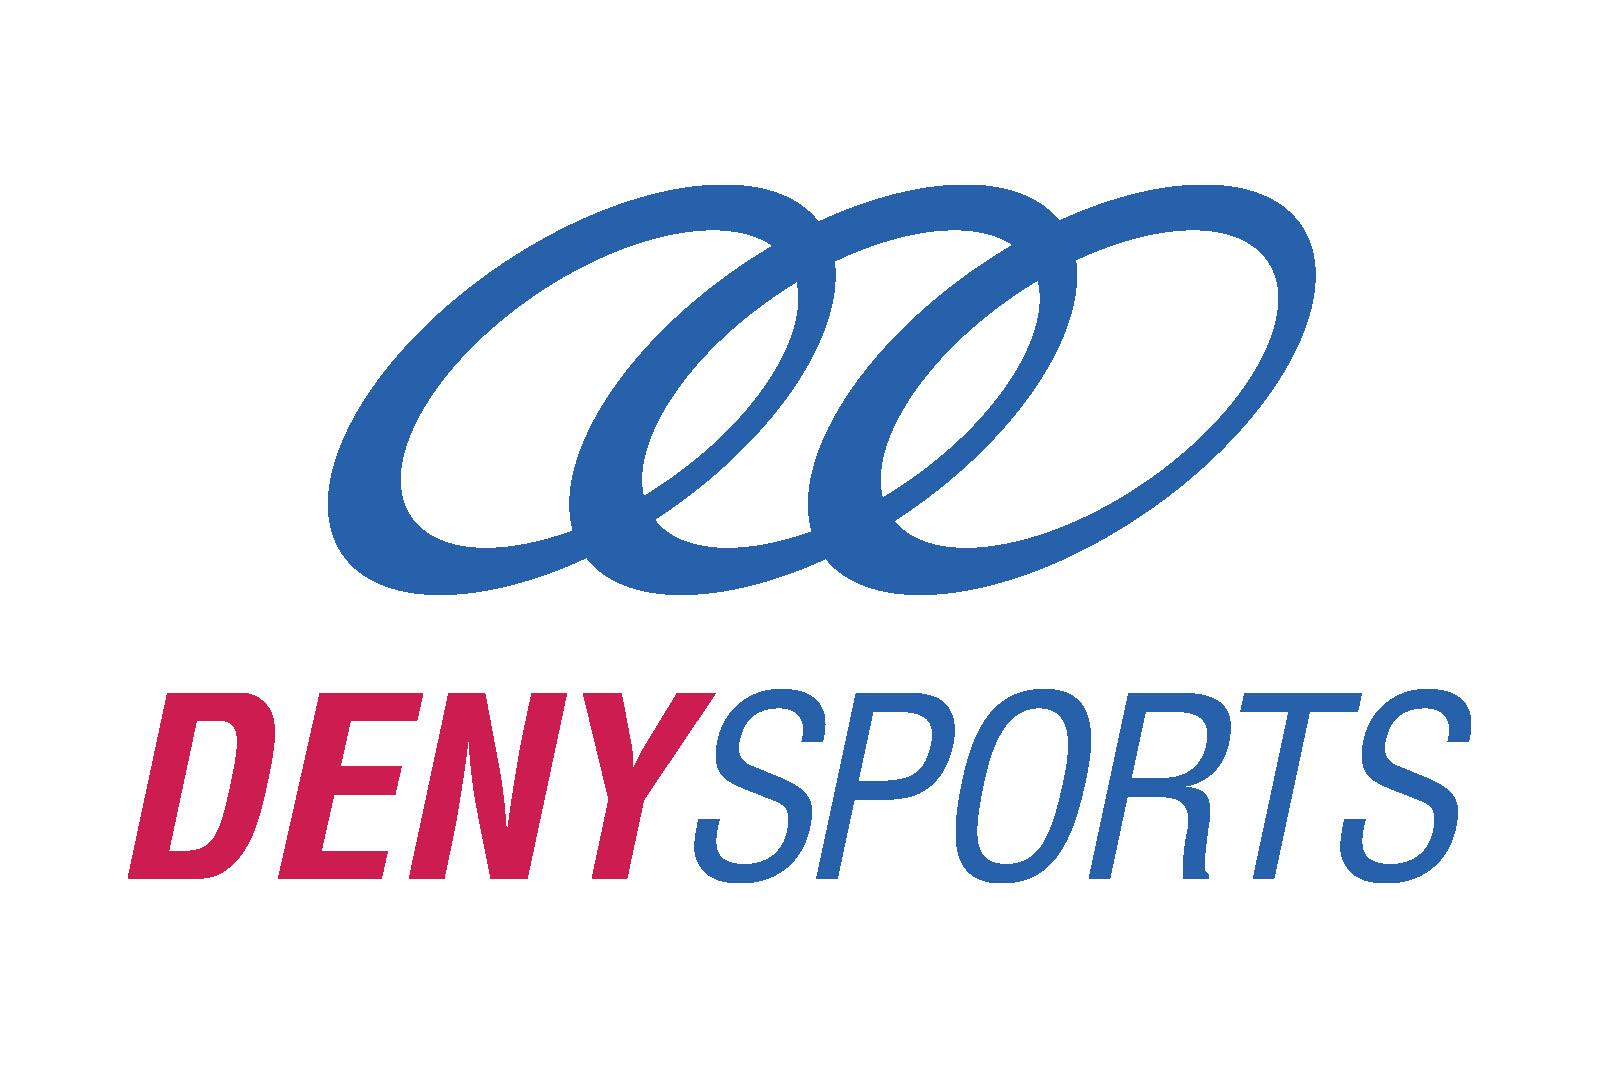 denysports1